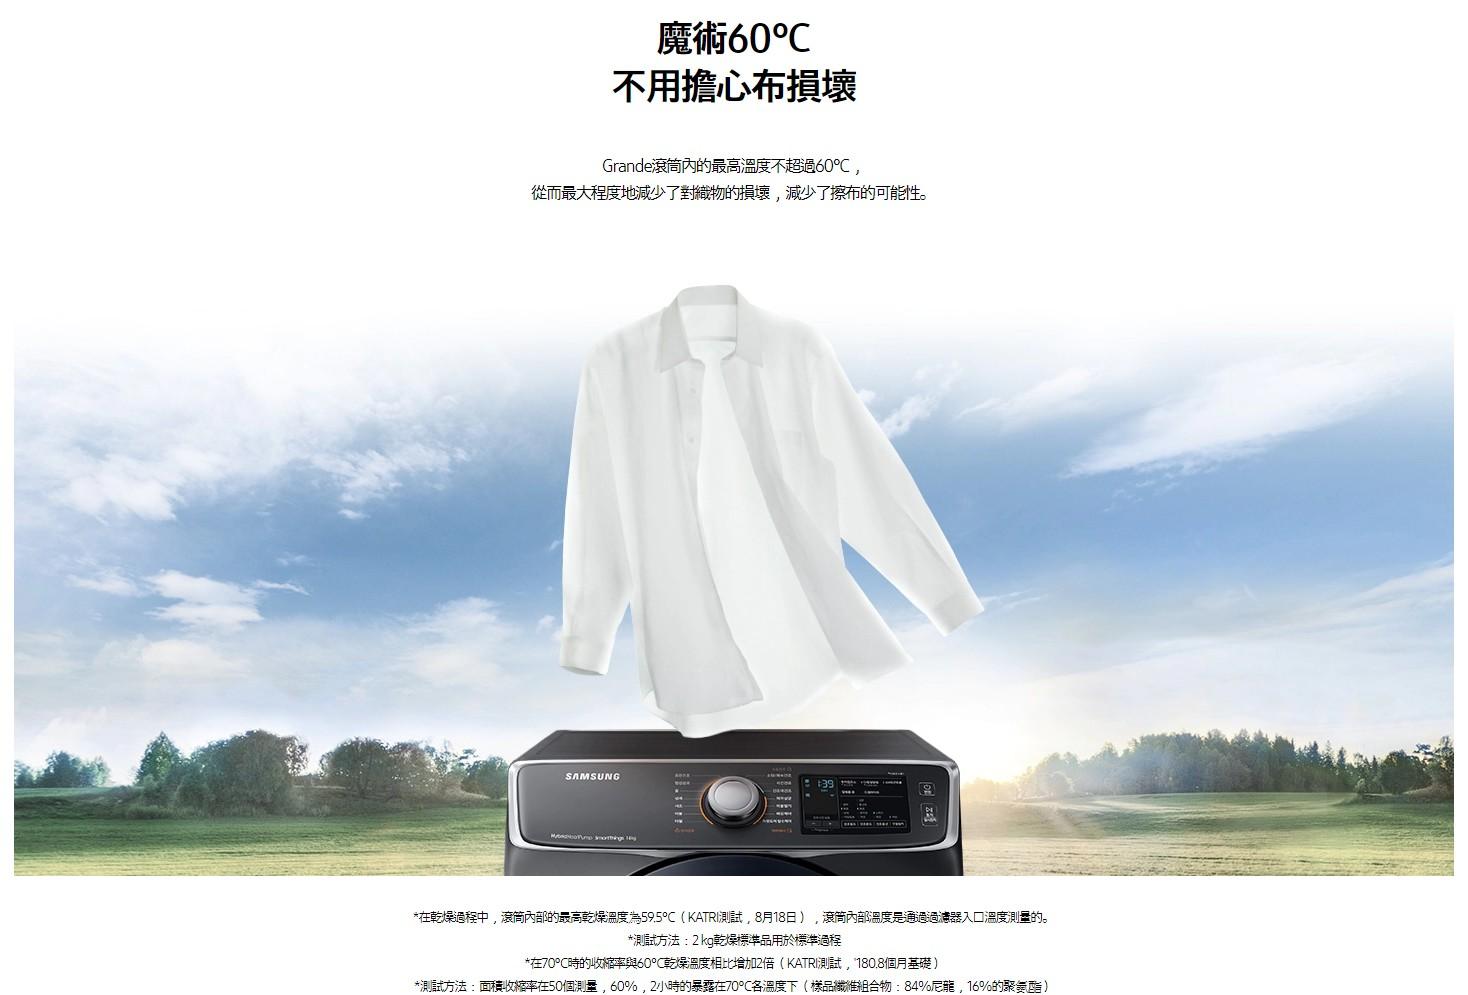 三星標榜烘乾溫度為60℃,不用擔心衣服布質損壞。